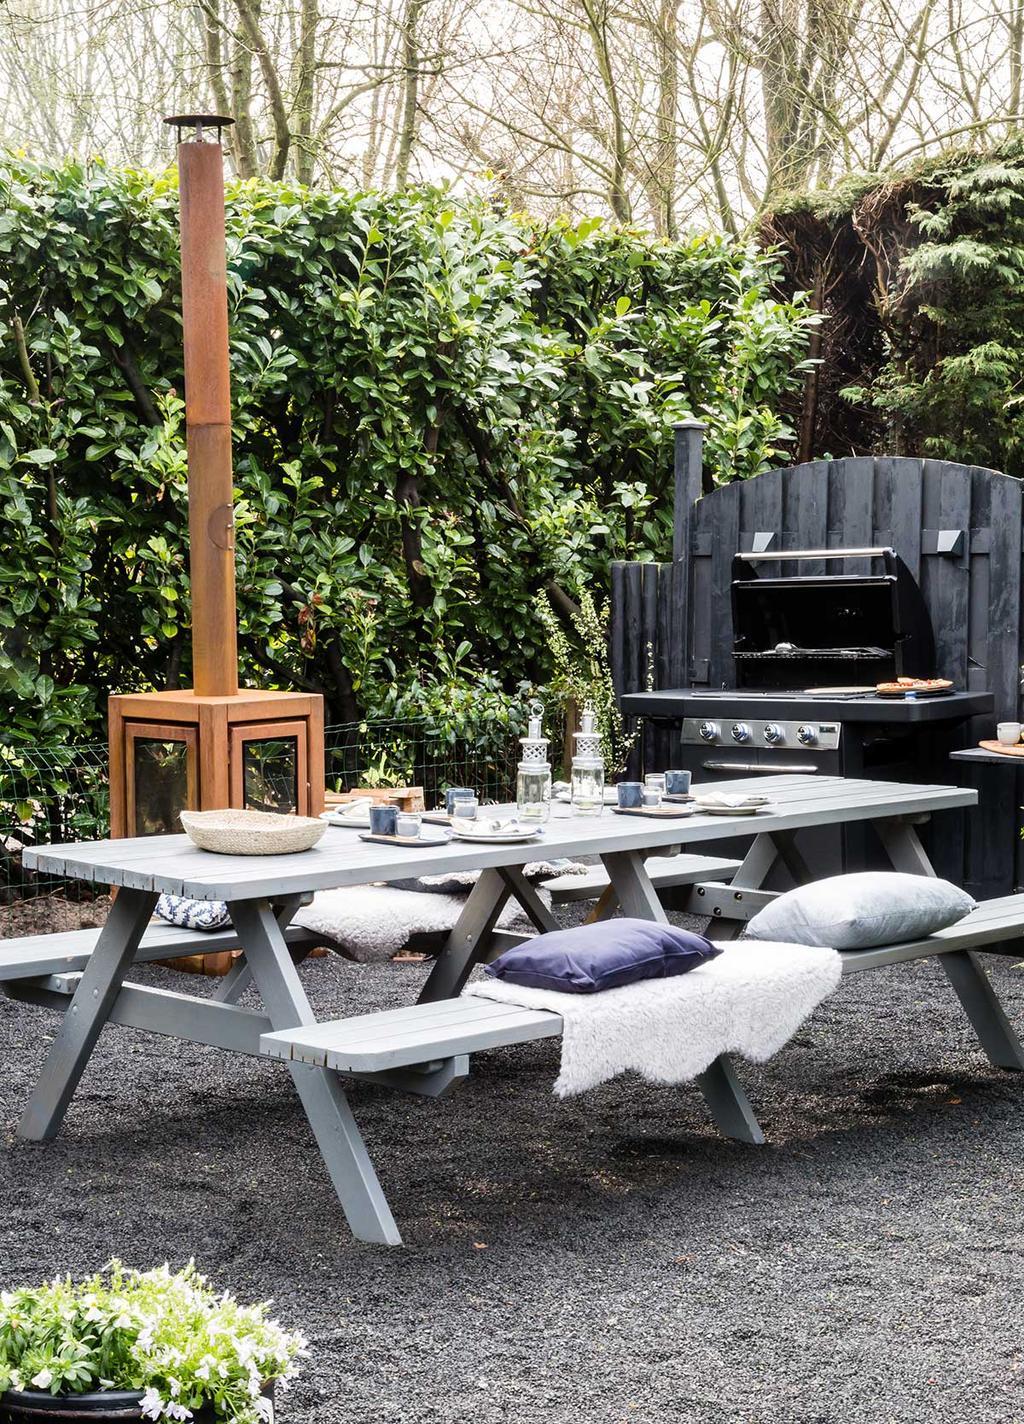 vtwonen tuin make-over met picknicktafel en buitenkachel